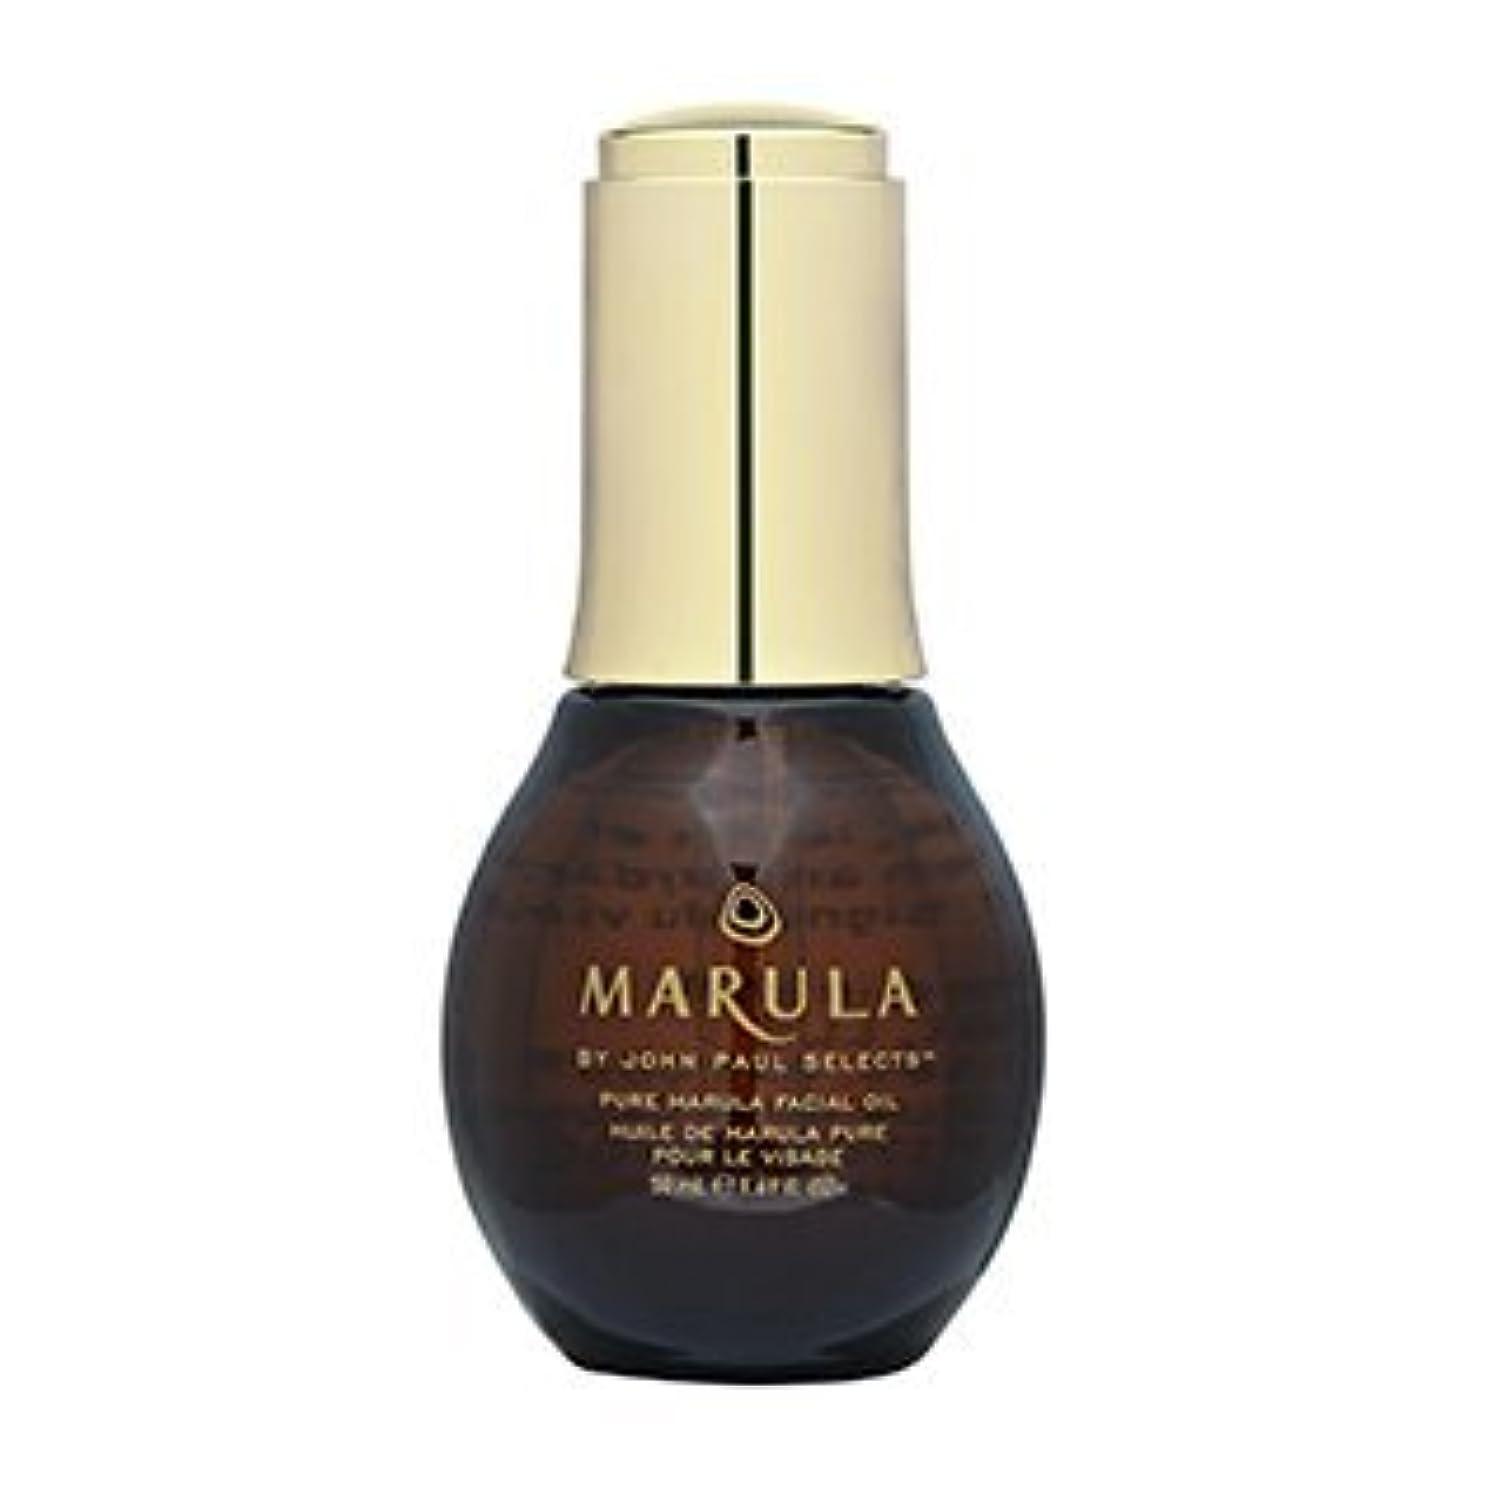 回転させるベル損なうマルーラ(Marula) マルーラオイル 50ml ビッグサイズ[並行輸入品]